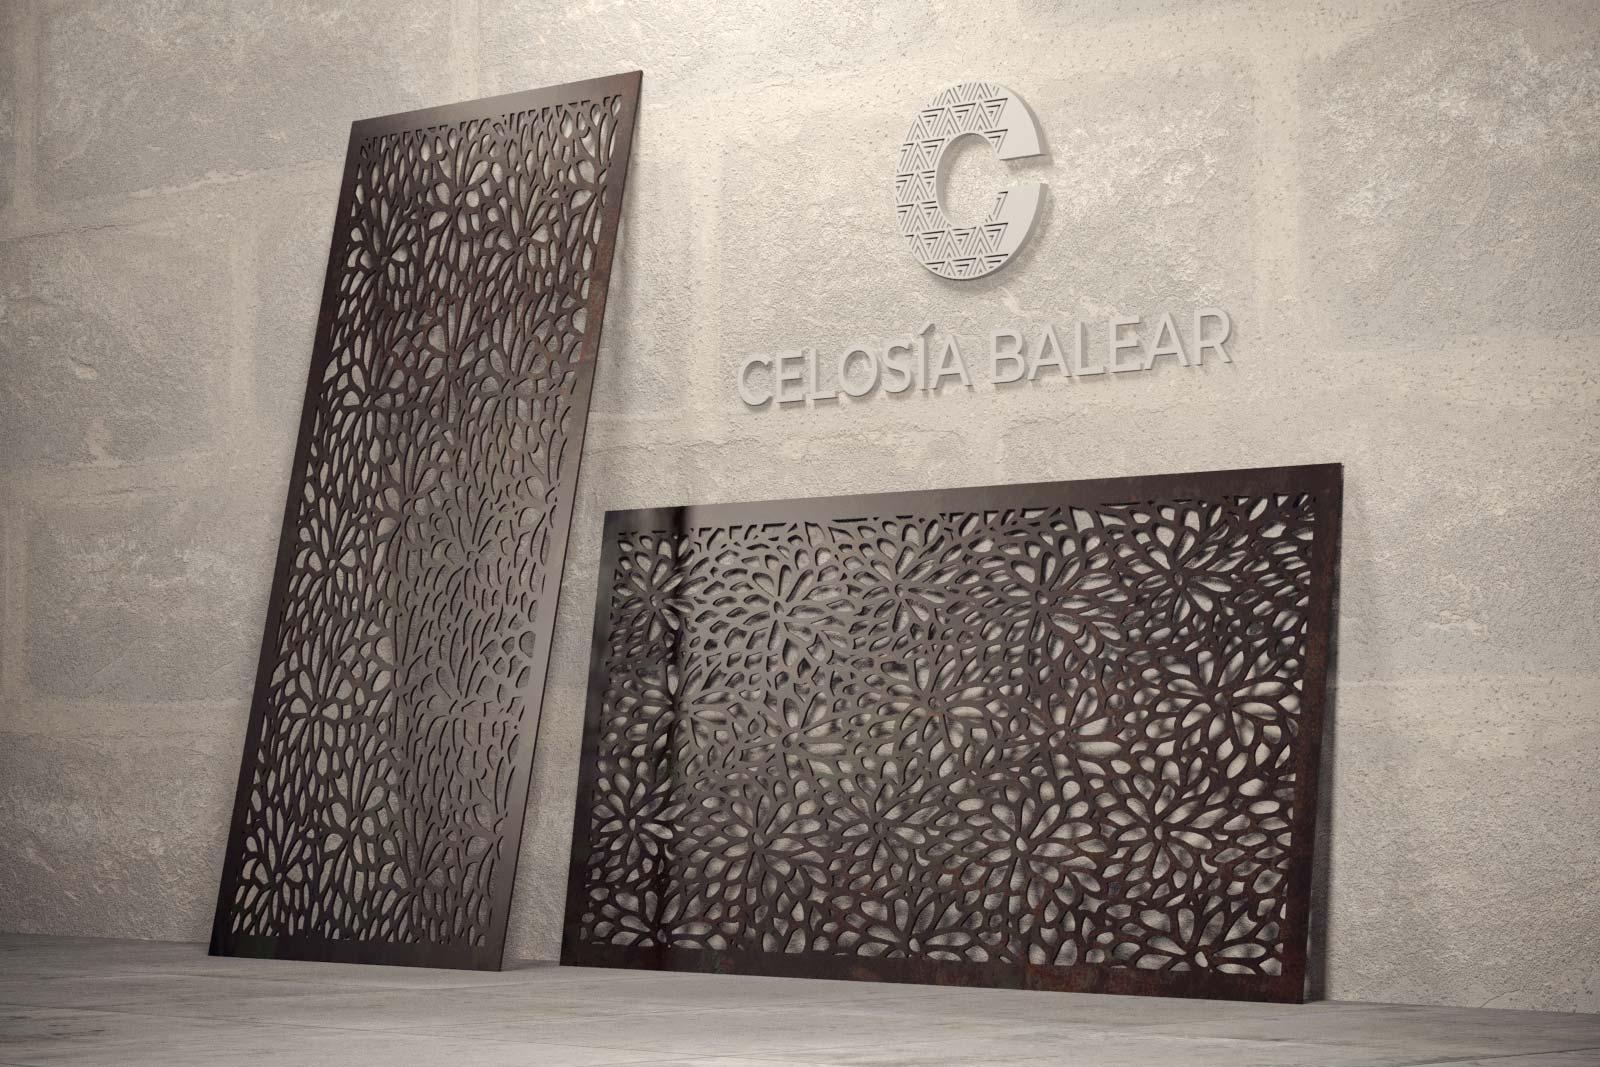 formas orgánicas en una placa de celosía metálica